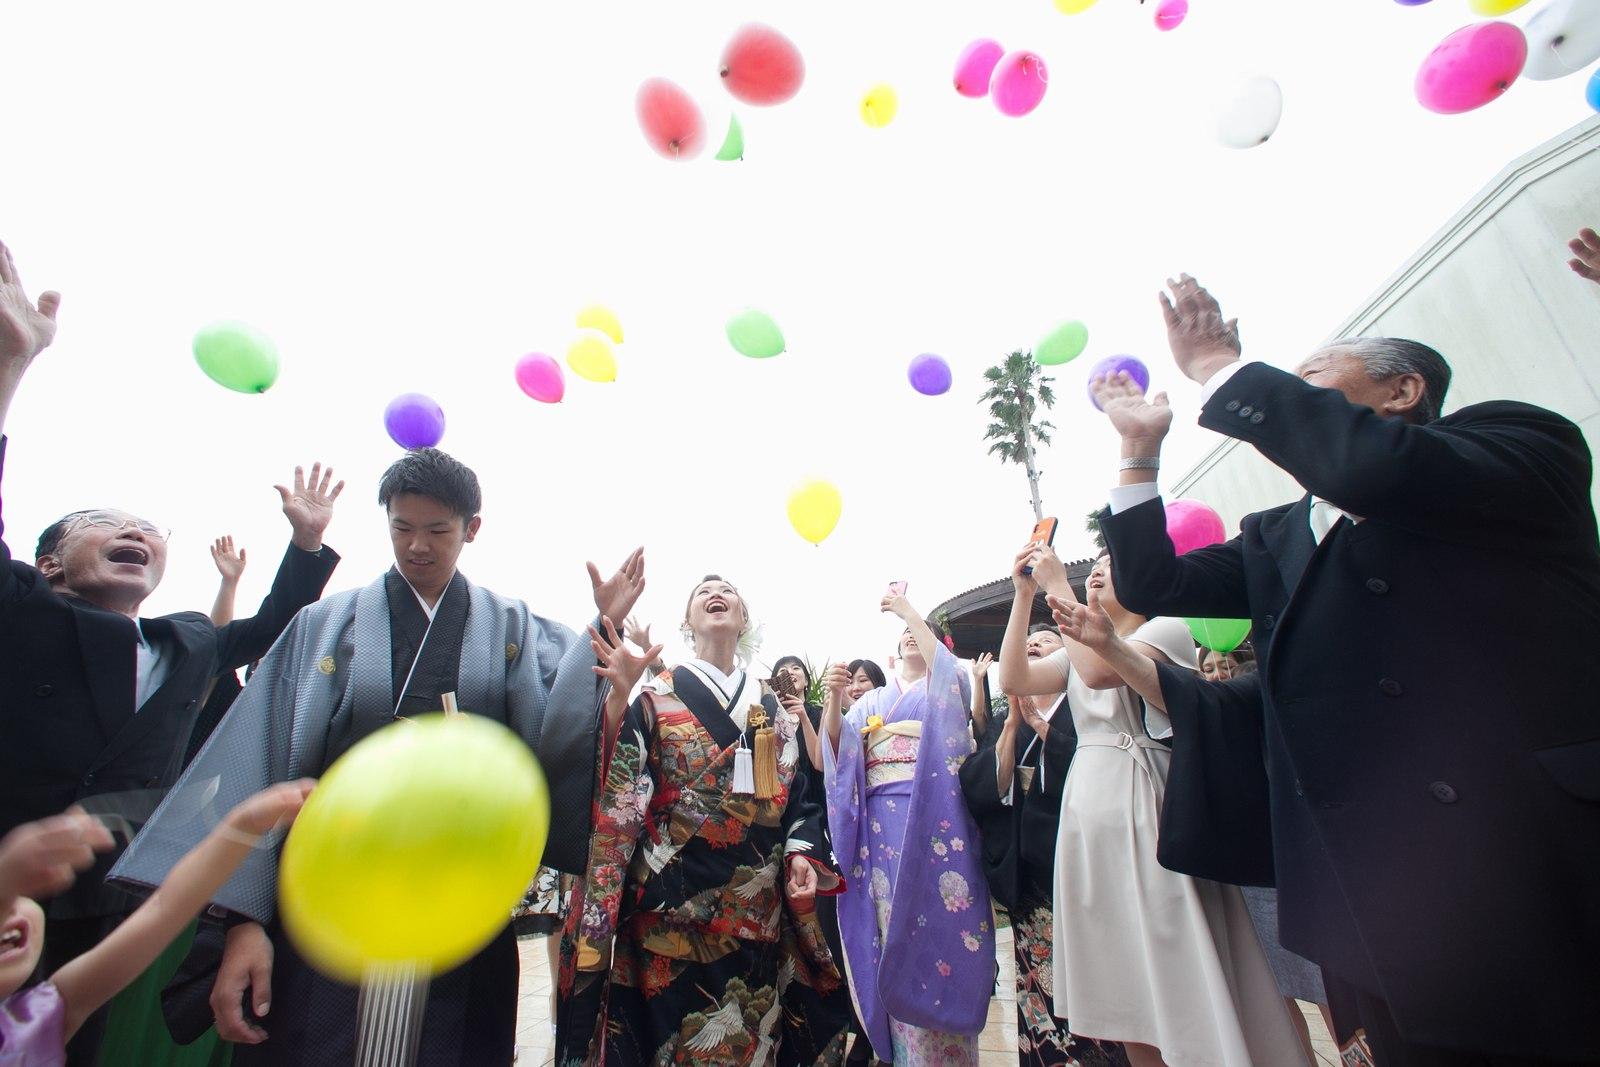 徳島市の結婚式場ブランアンジュで新郎新婦がゲストと共に人気のバルーンリリースの演出